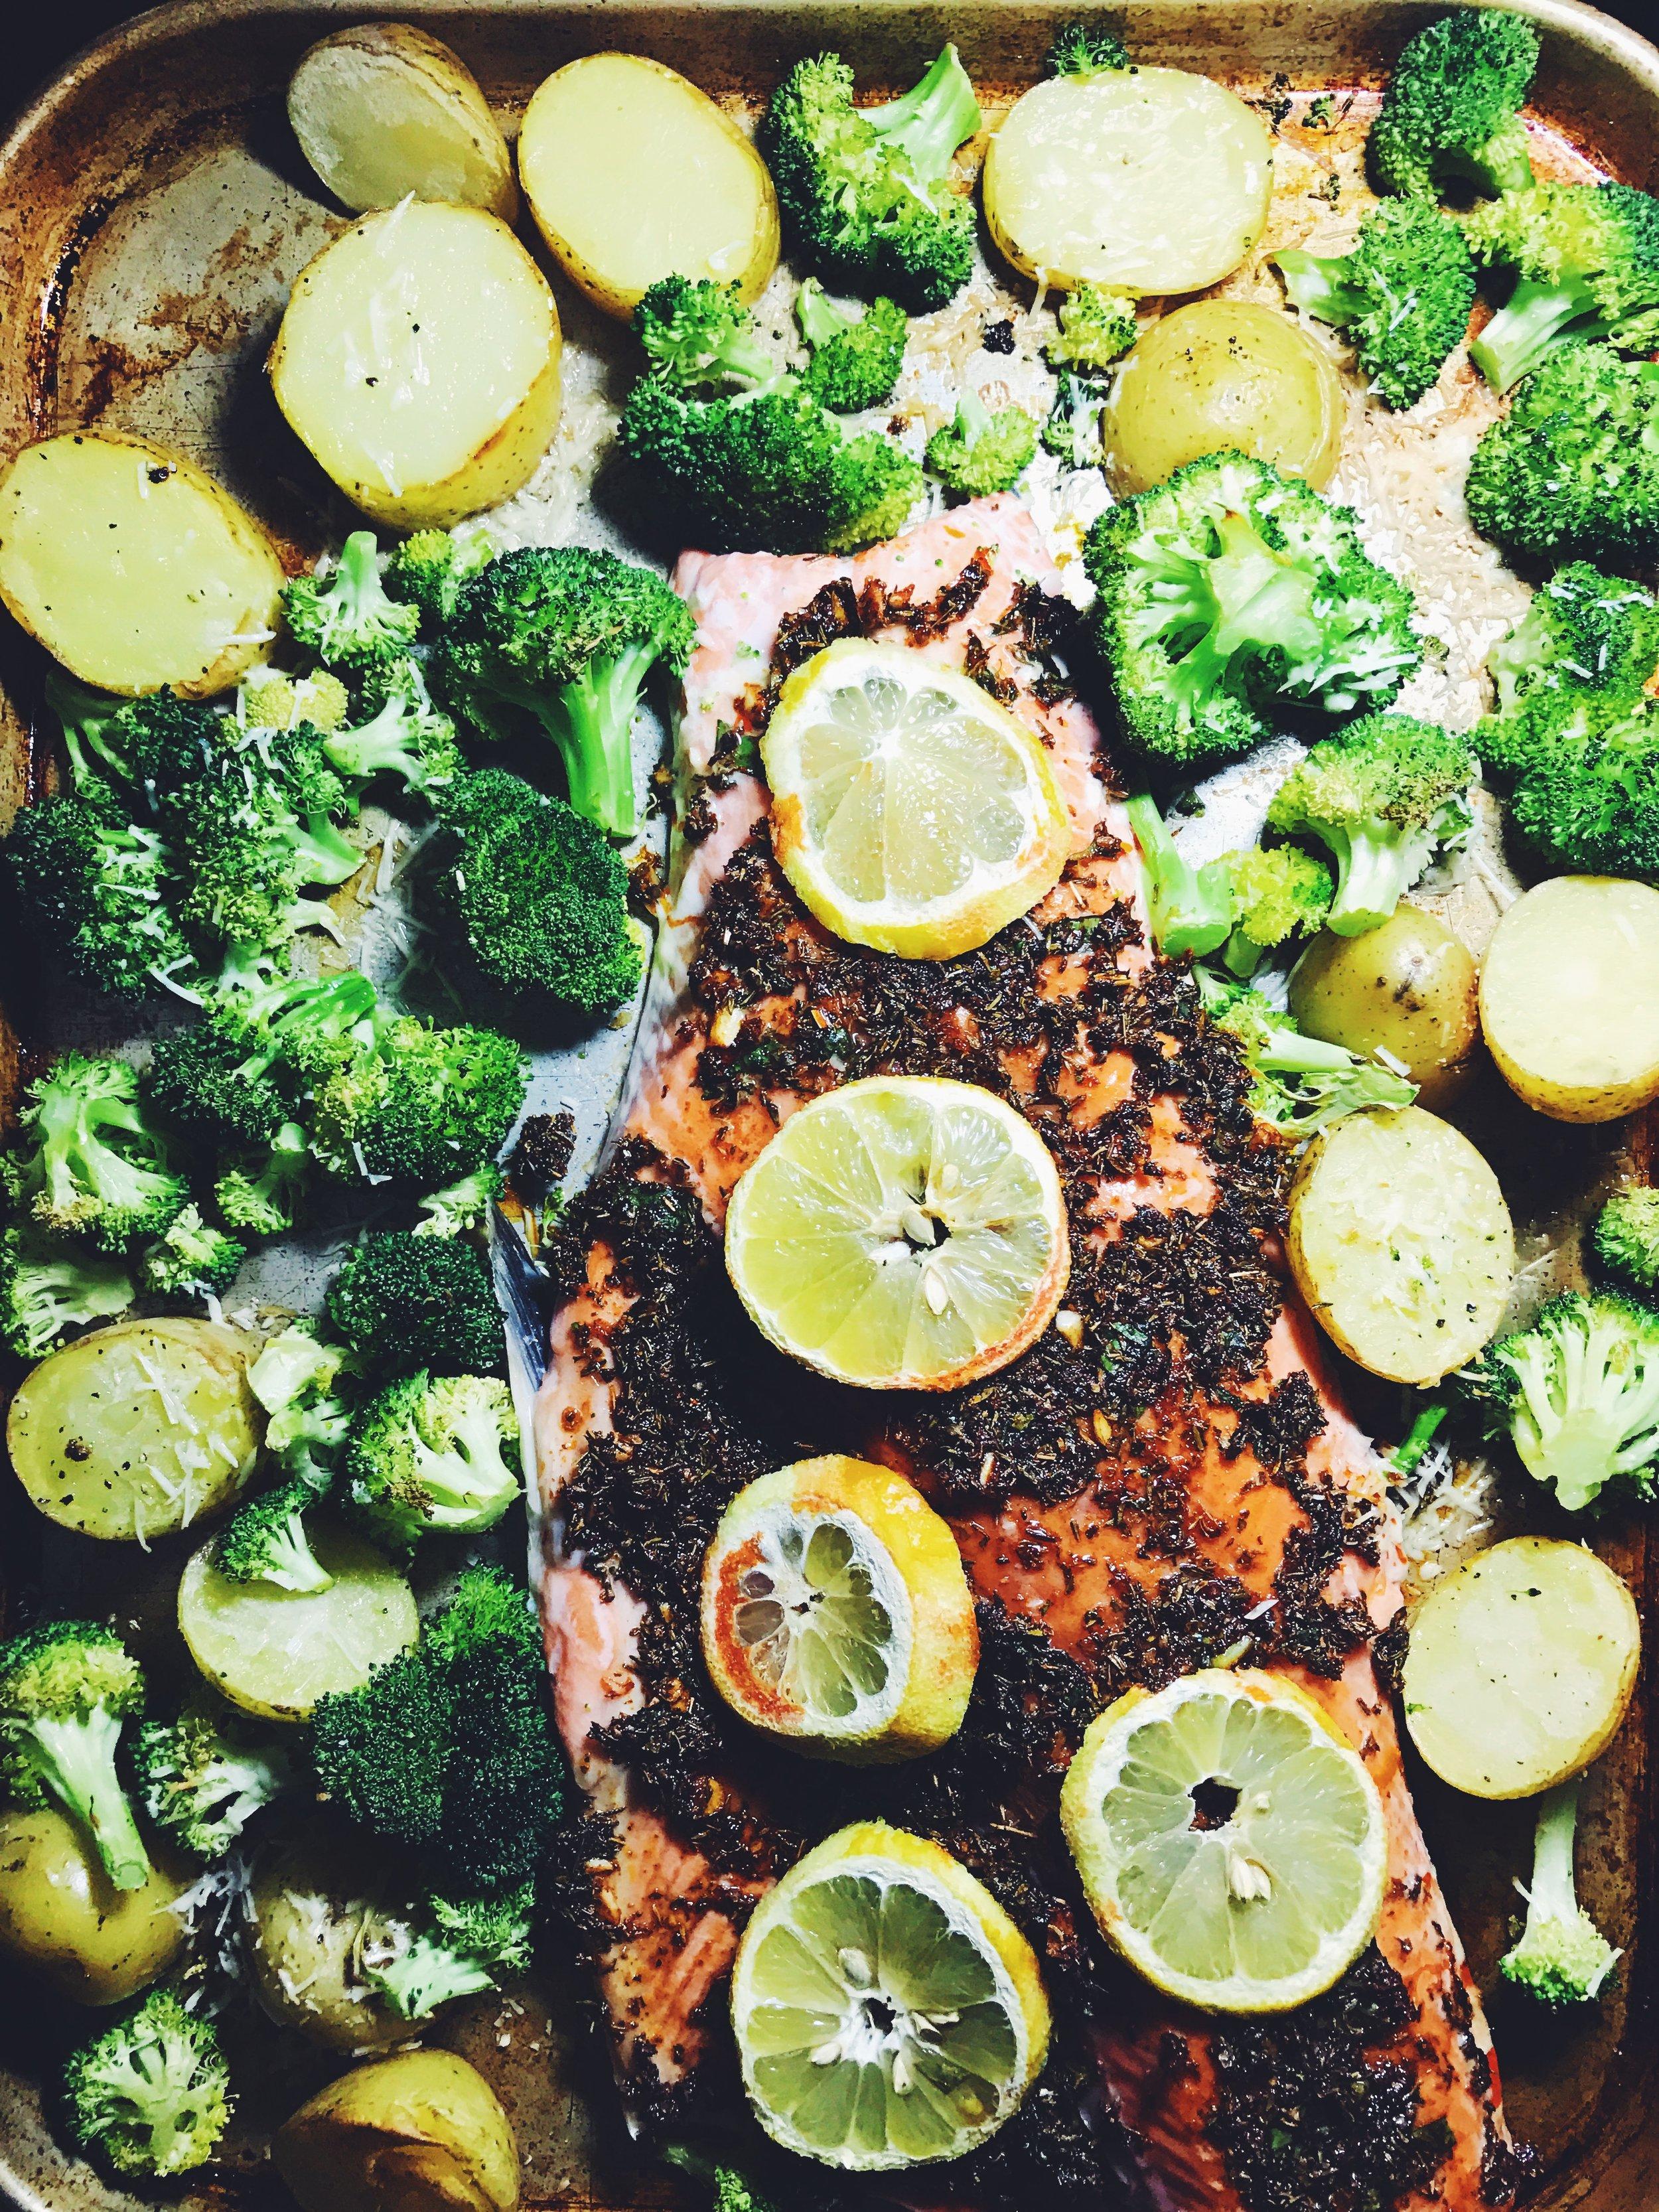 lemon-roasted salmon with broccoli and potatoes